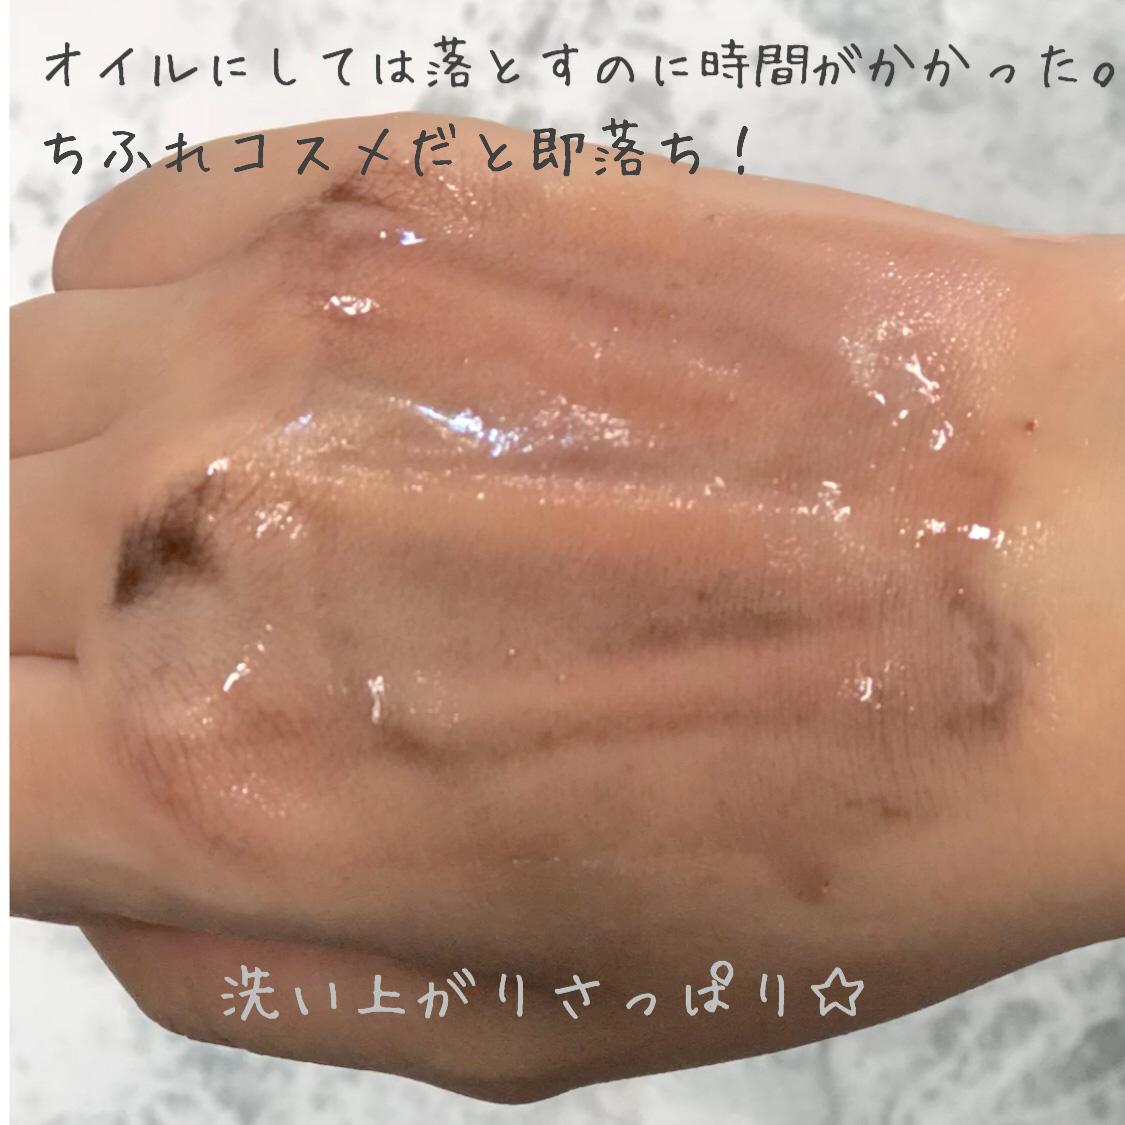 Dầu Tẩy Trang Chifure Cleansing Oil không để lại dư lượng thừa trên da, không gây nhờn dính khó chịu.